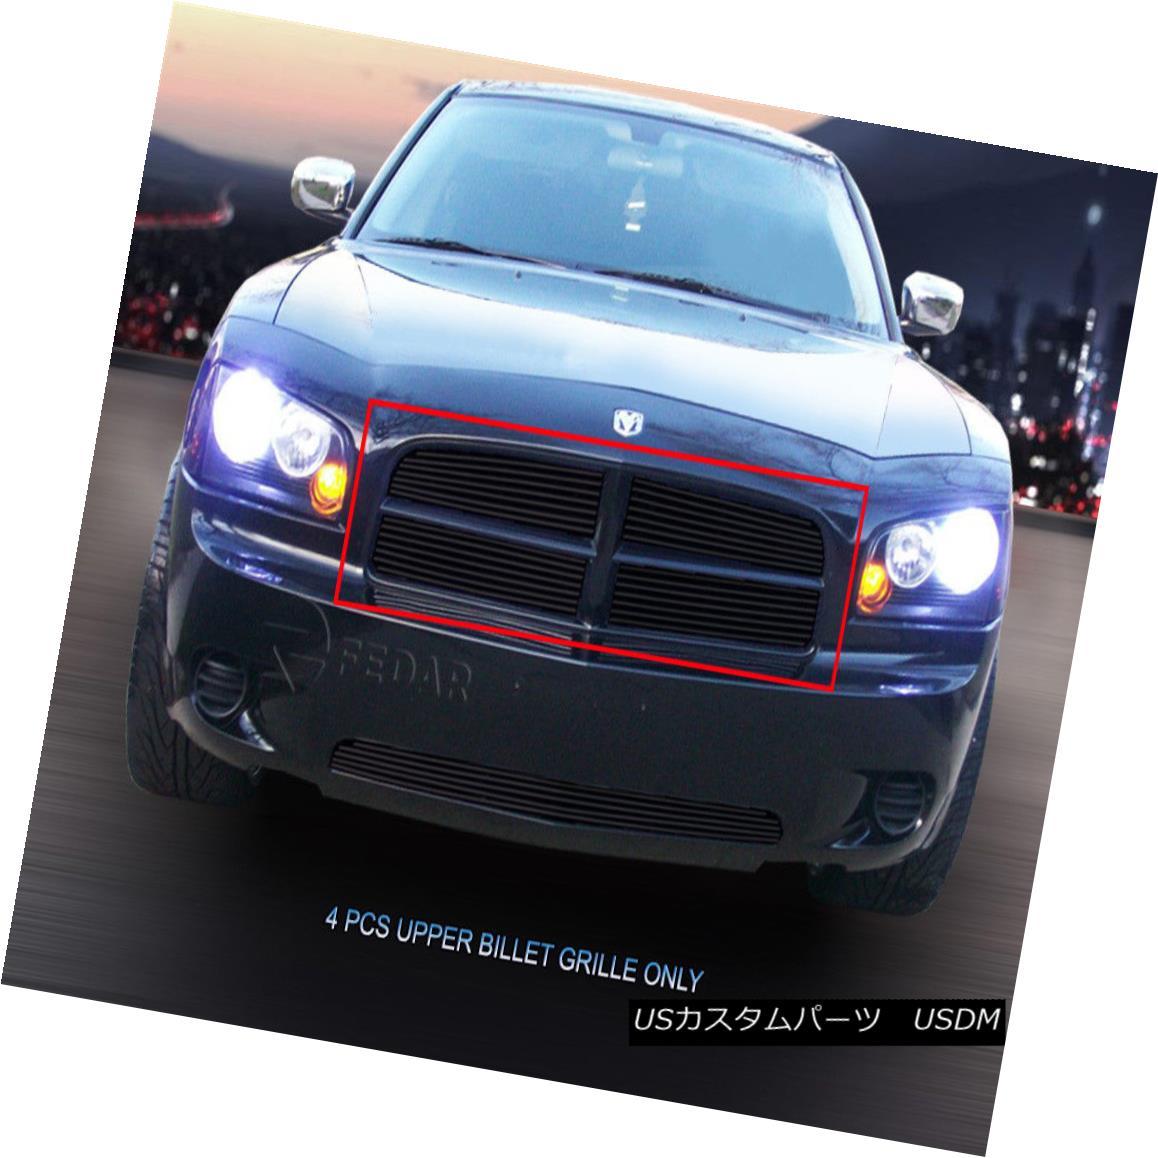 グリル For 05-10 Dodge Charger Bolt-On Black Billet Grille Upper Grill Fedar 05-10ダッジチャージャーボルトオンブラックビレットグリルアッパーグリルフェルダー